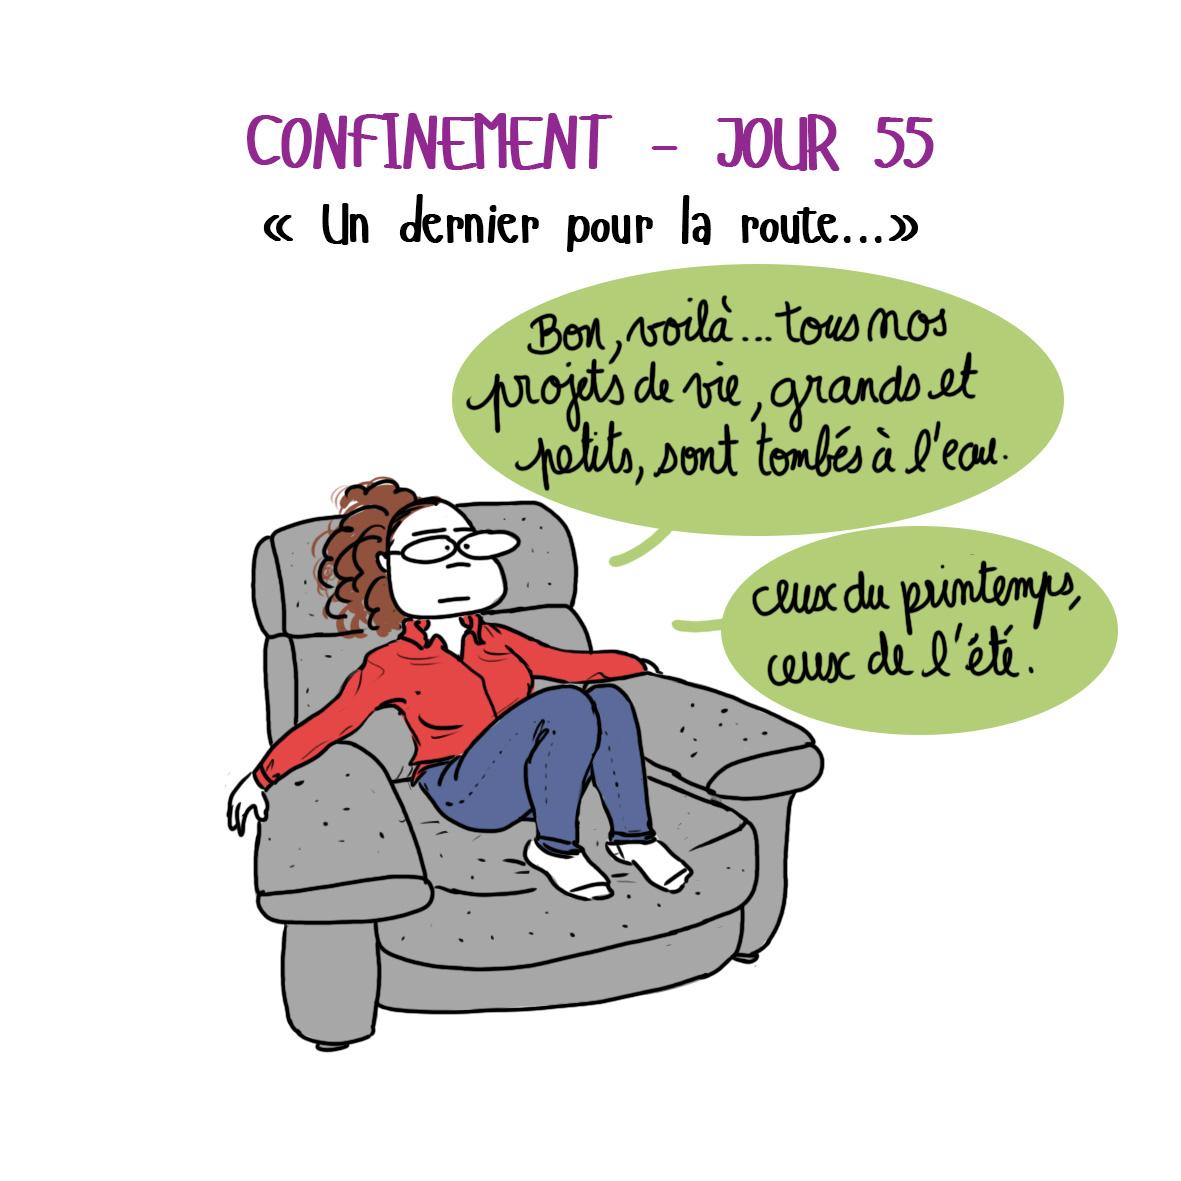 Journal de confinement - jour 55-1